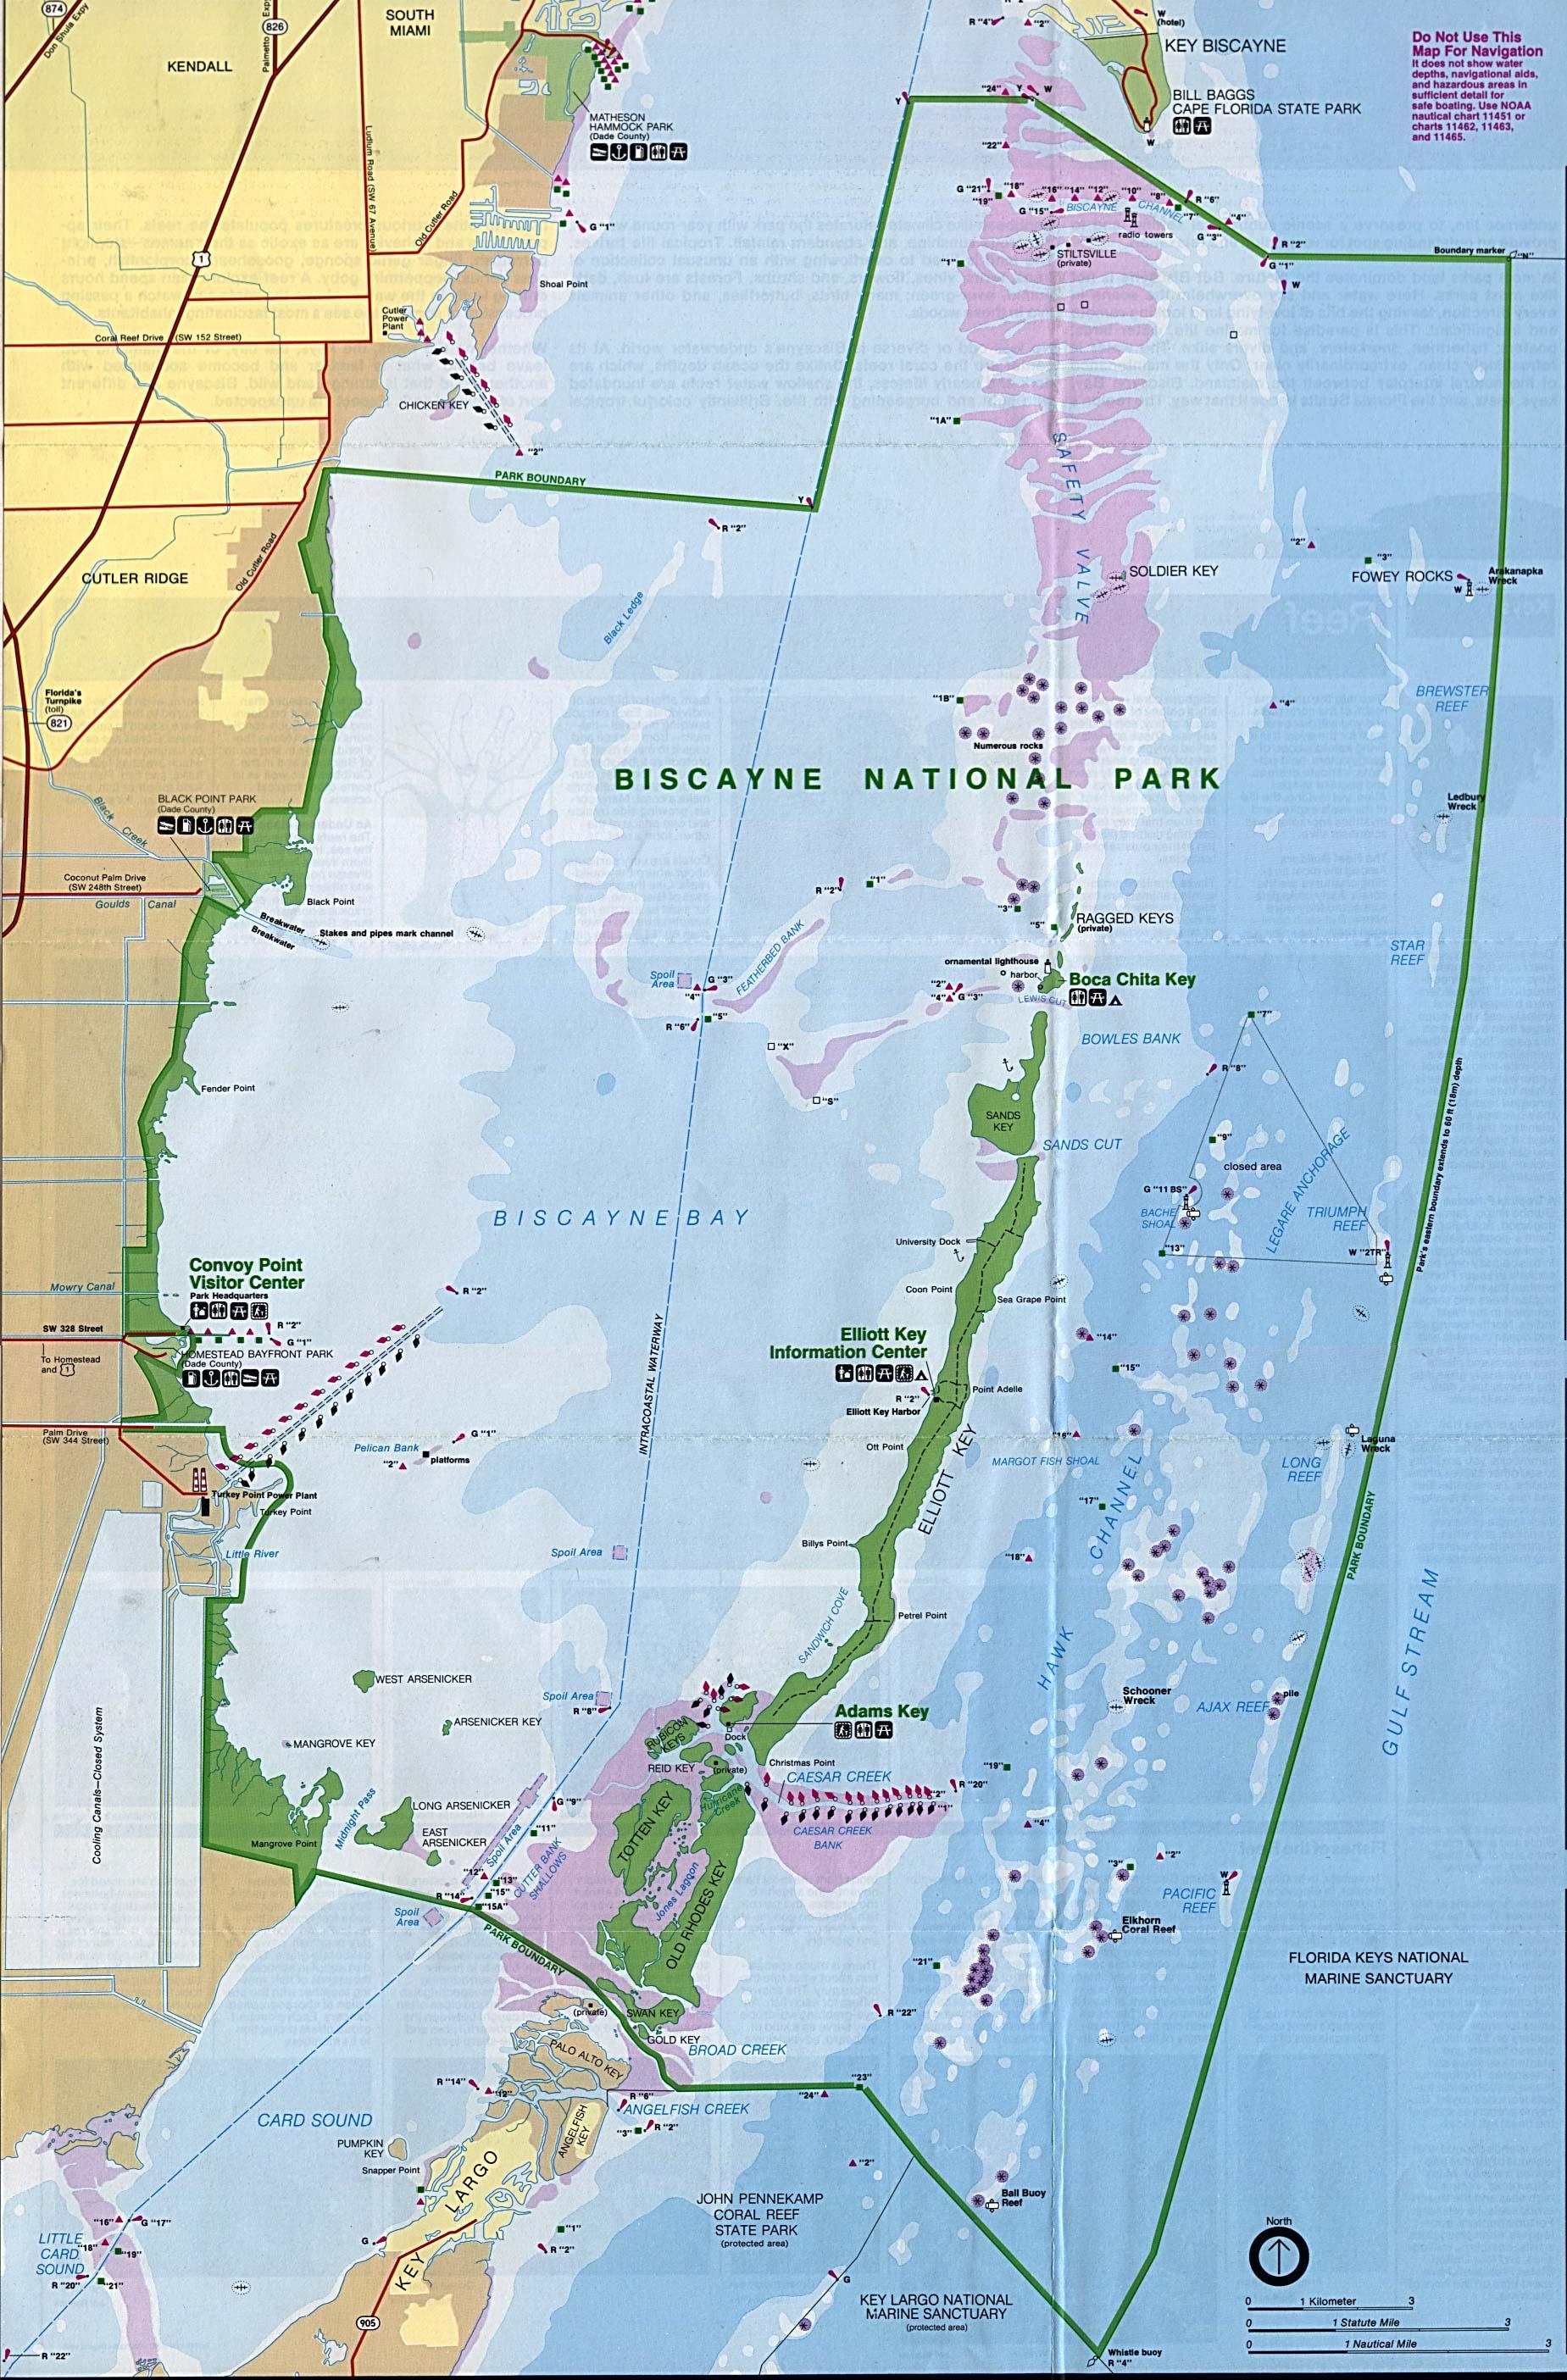 Biscayne Bay Campus Map.Biscayne National Park Map Biscayne National Park Mappery